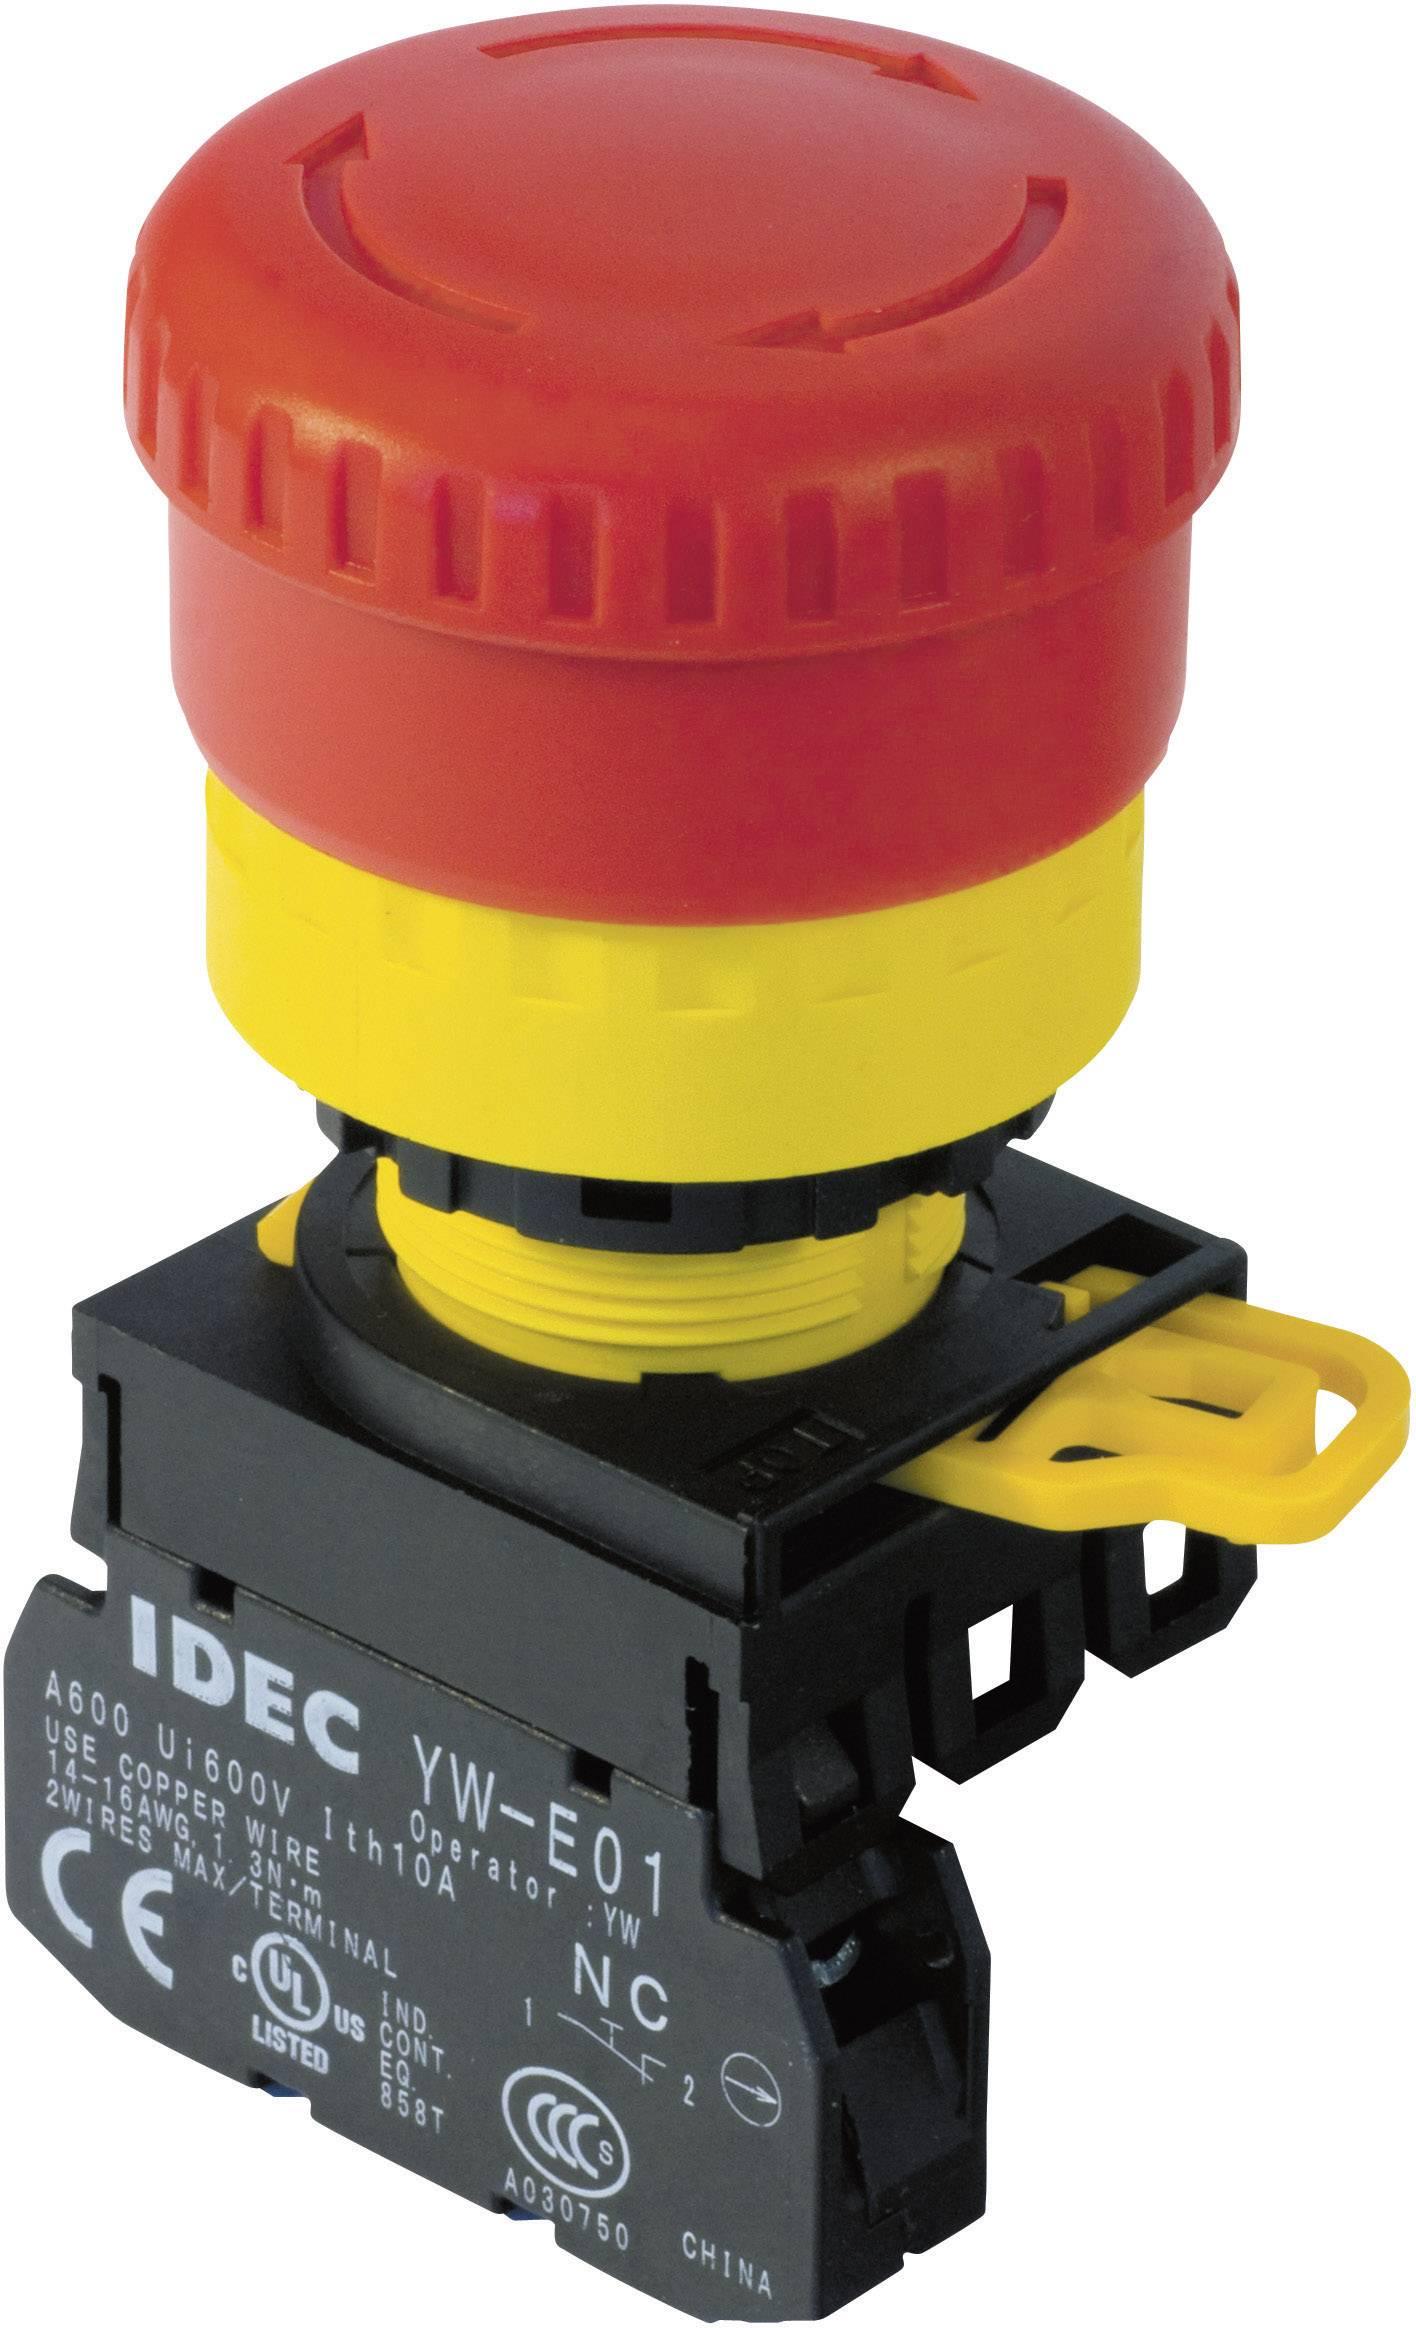 Nouzové tlačítko Idec YW1B-V4E01R, 22 mm, 240 V/AC, 6 A, červená/žlutá